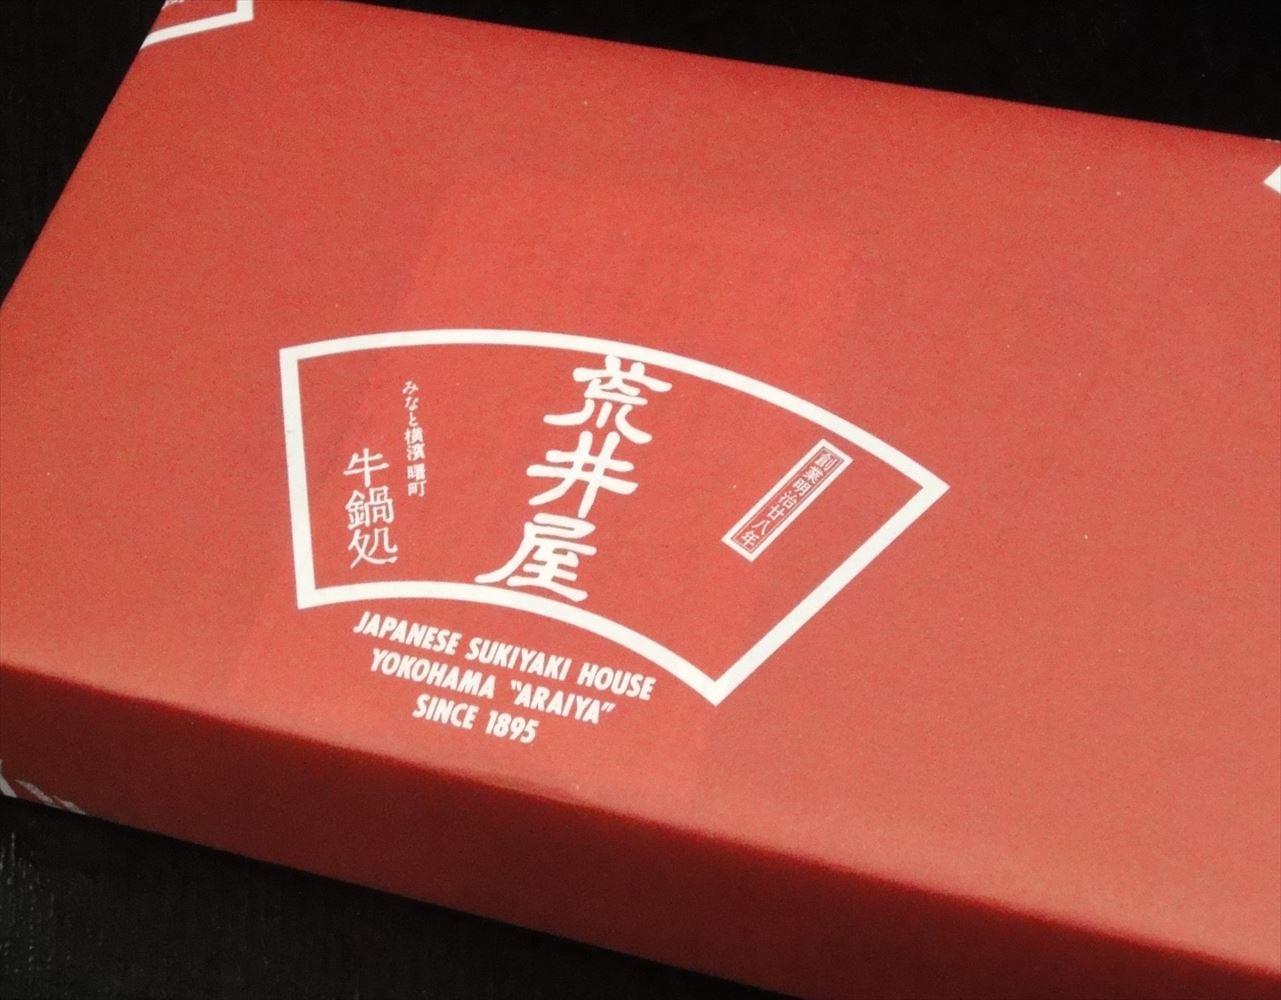 【贈答用】ハンバーグ・ステーキ<化粧箱入>5ヶ